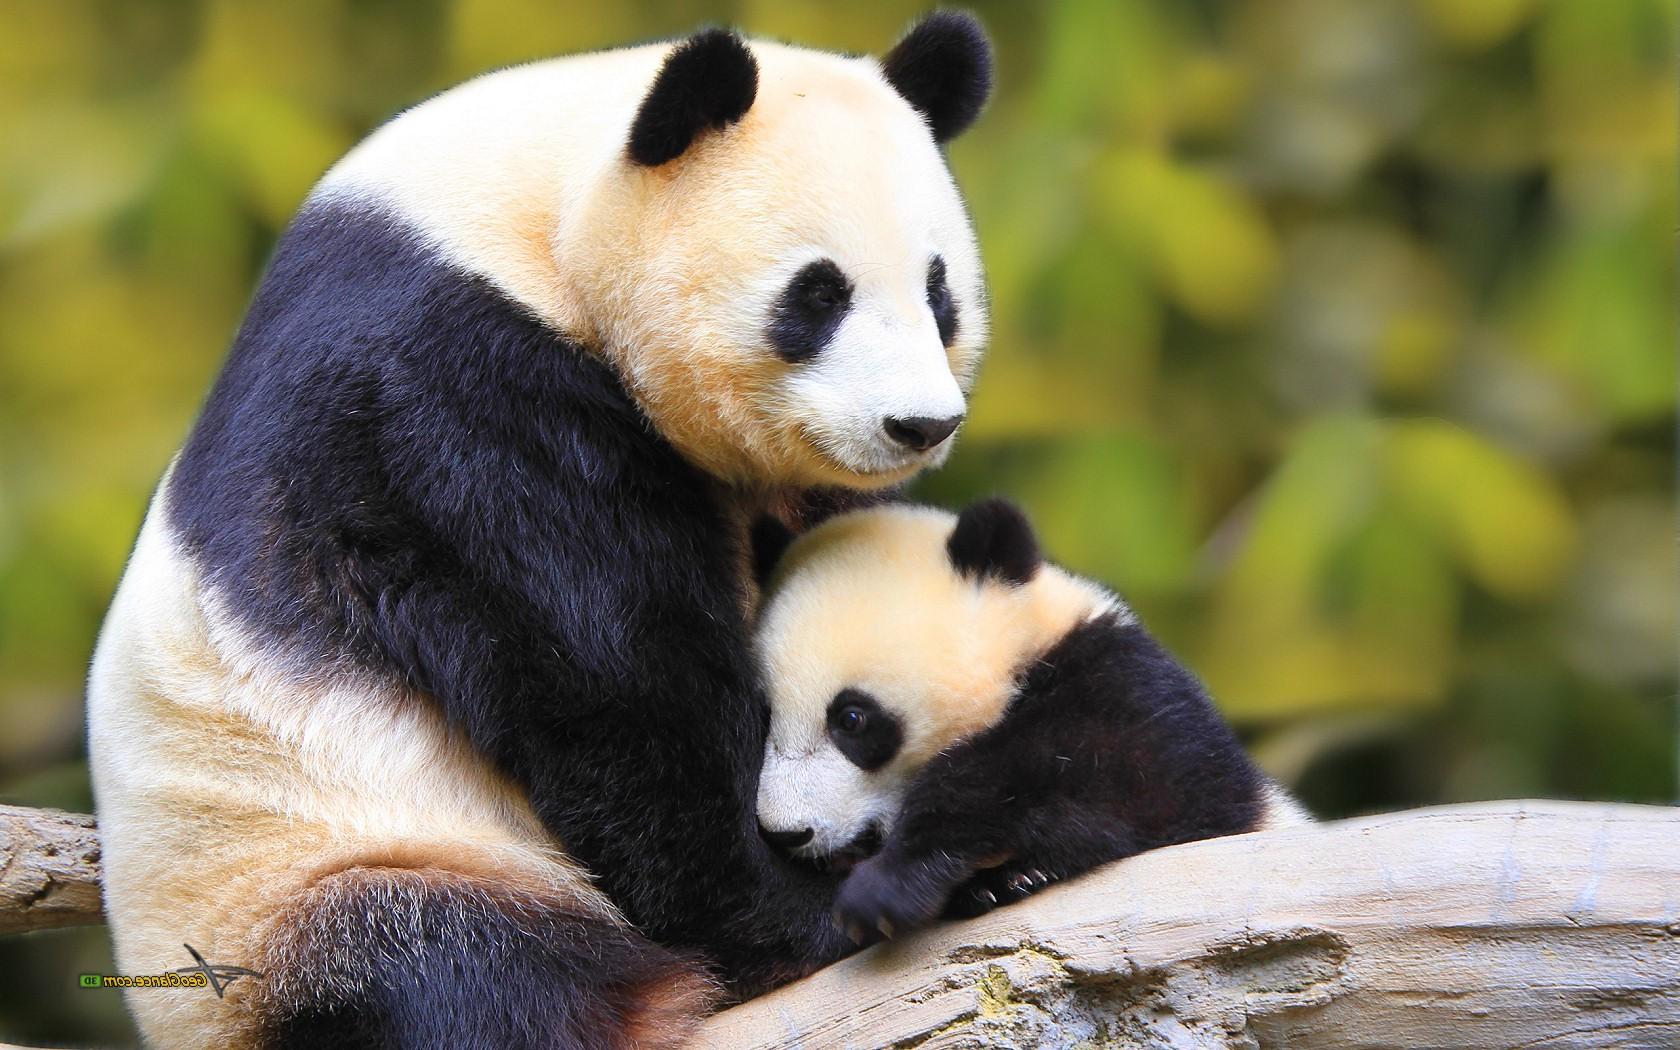 Cute Baby Girl Wallpaper For Desktop Full Screen Cute Baby Panda Wallpaper 1680x1050 58292